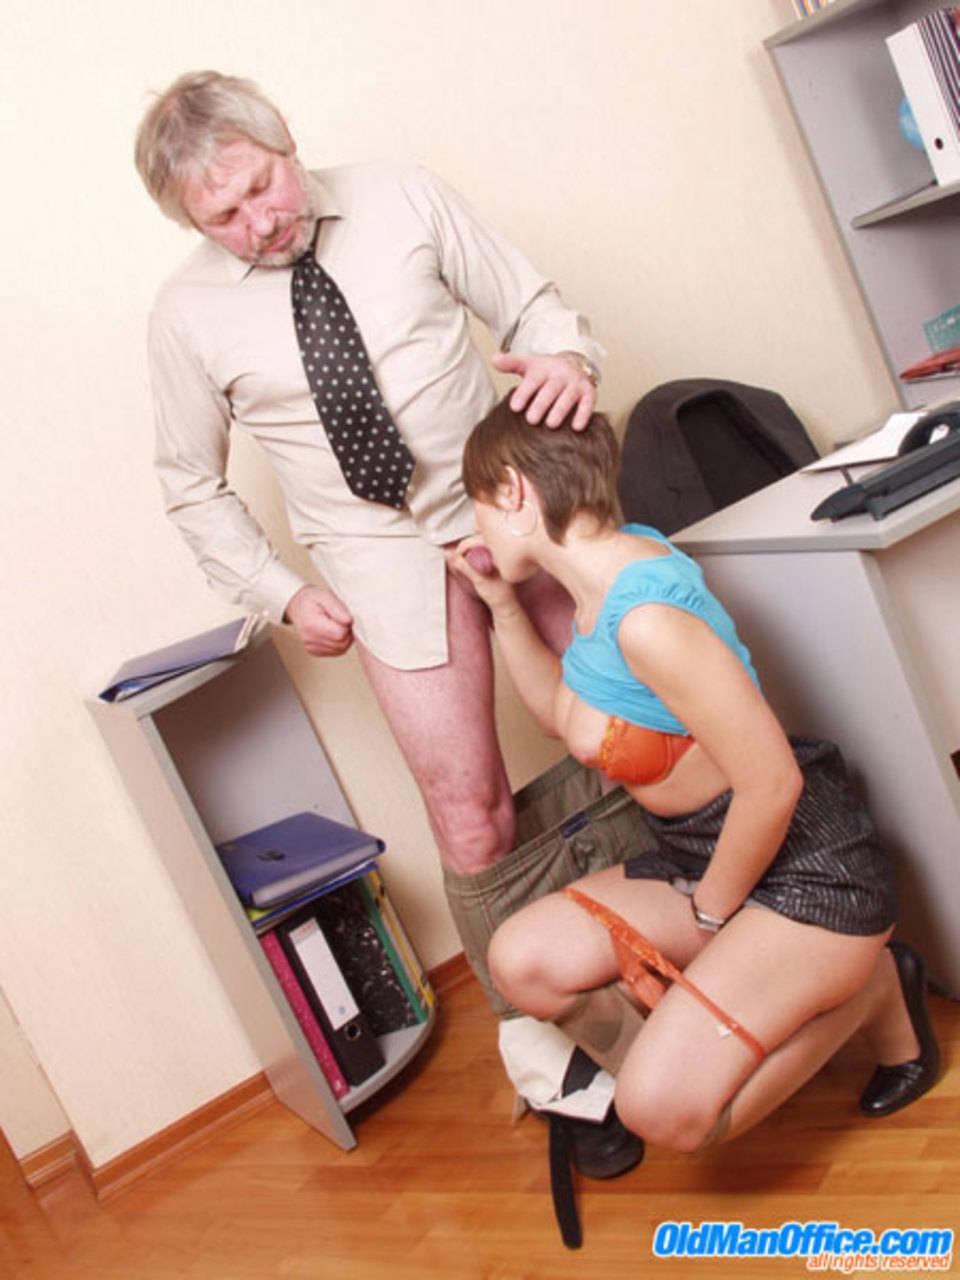 Шеф выдает секретаршам порно 24 фотография